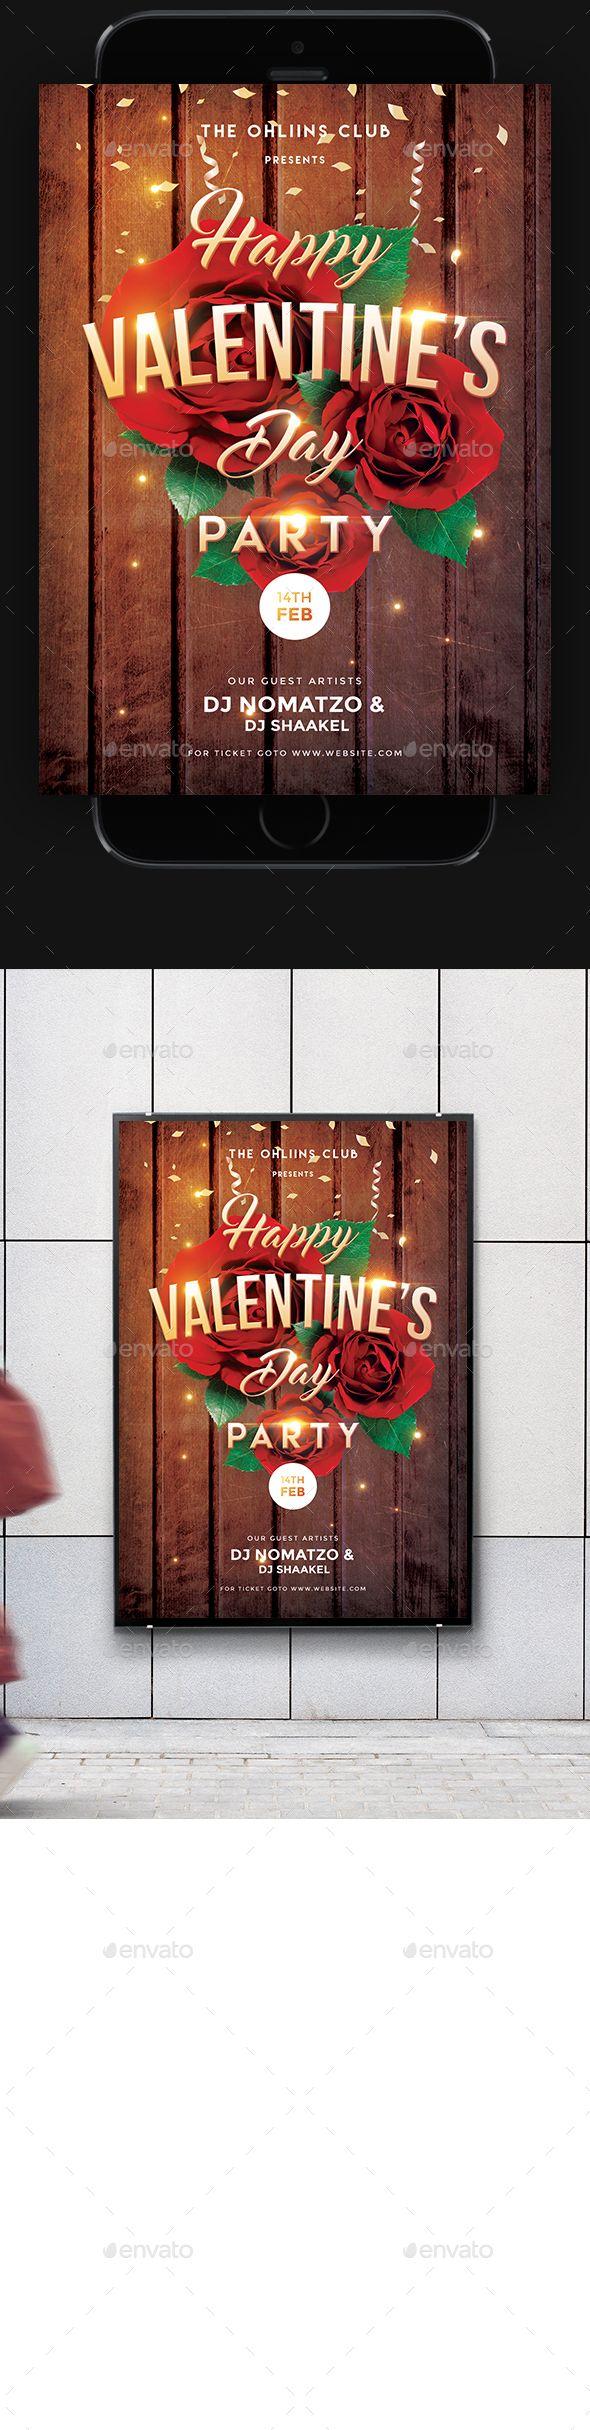 117 besten Valentine day Flyer Bilder auf Pinterest | Flyer vorlage ...